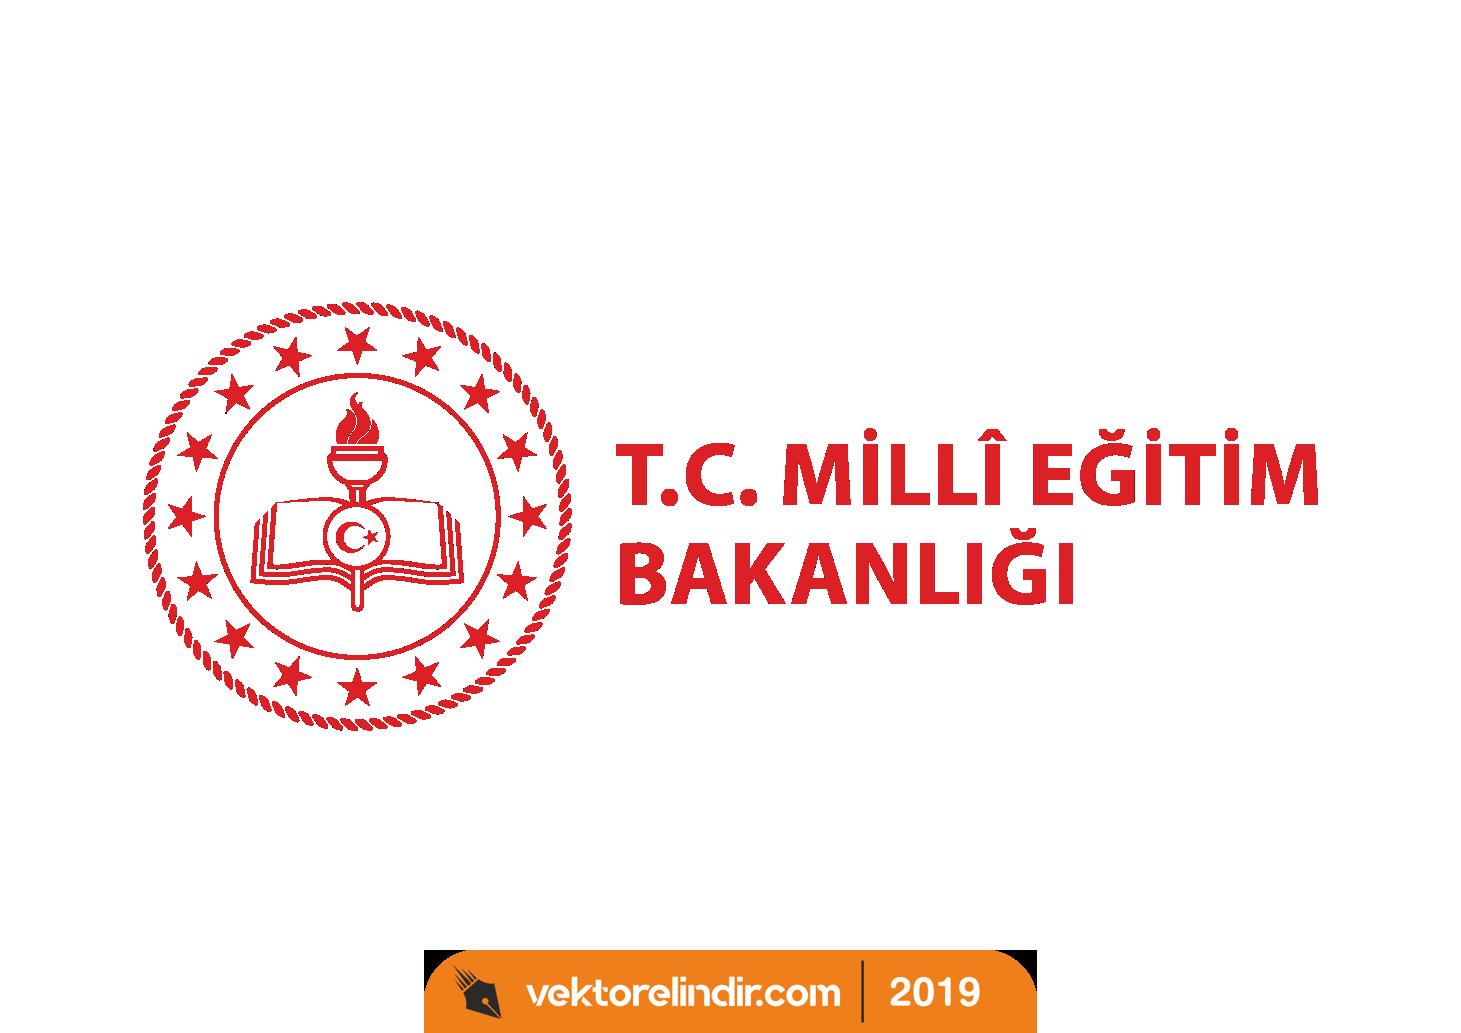 Tc. Milli Eğitim Bakanlığı Yeni Logo_Png_3